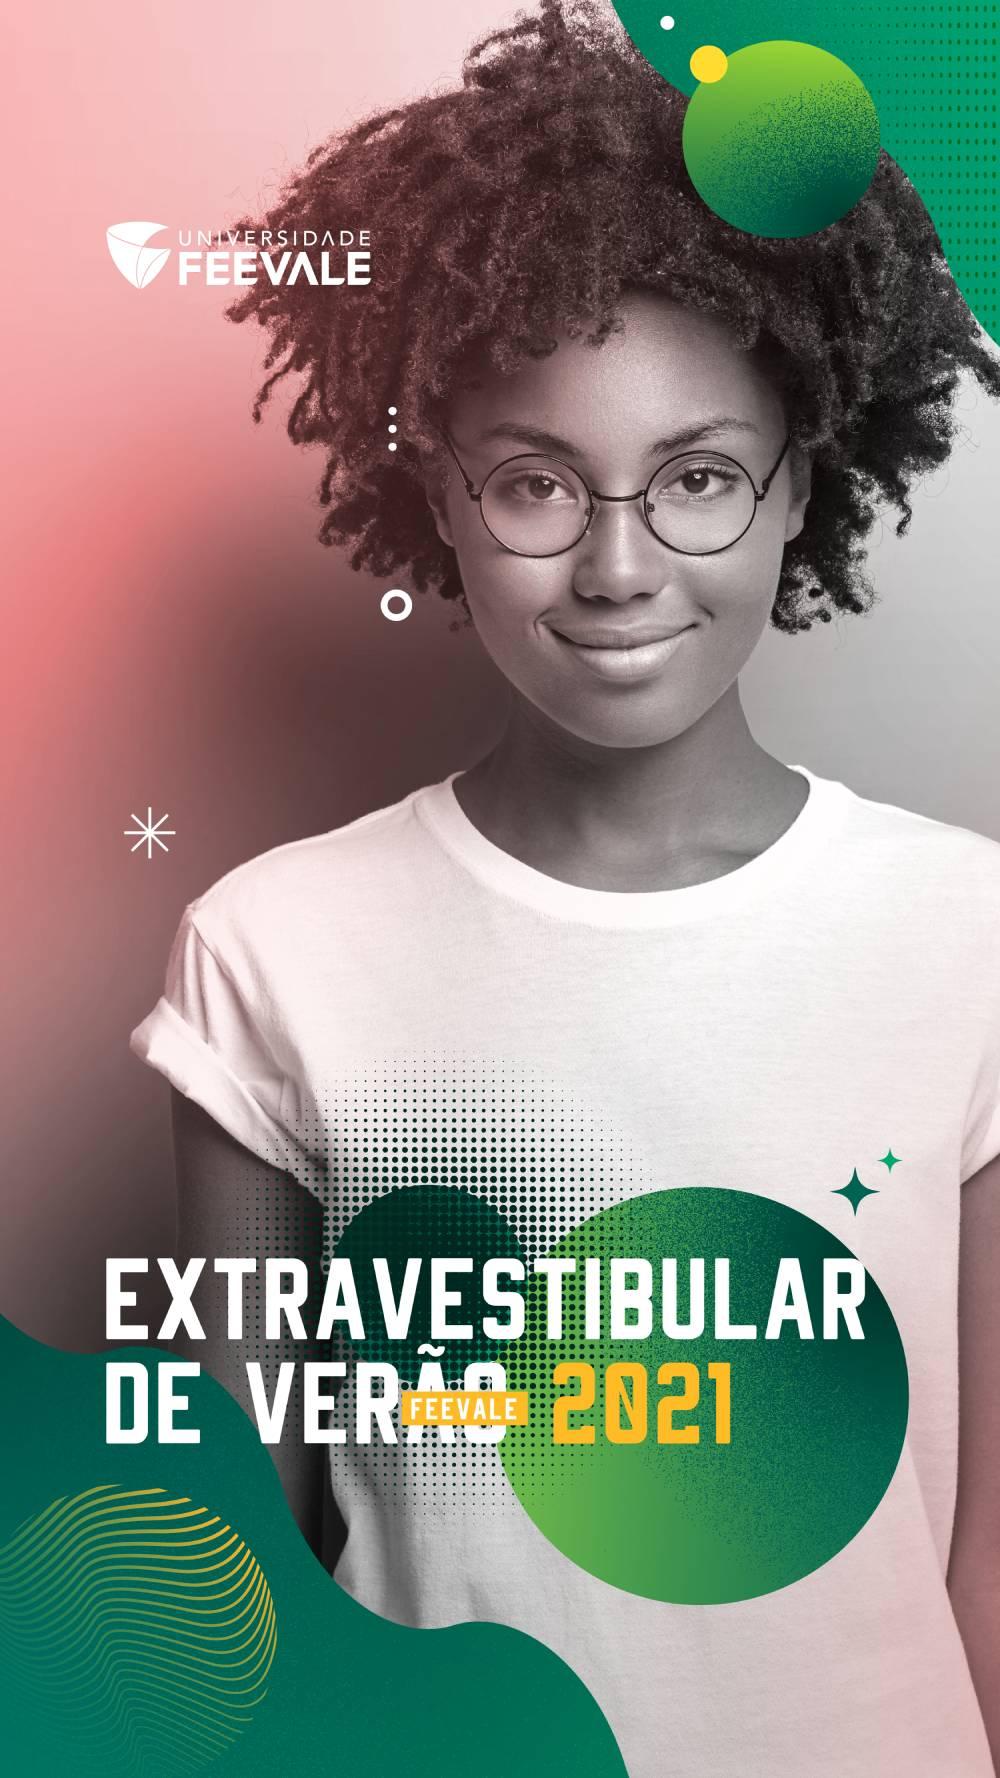 extravestibular